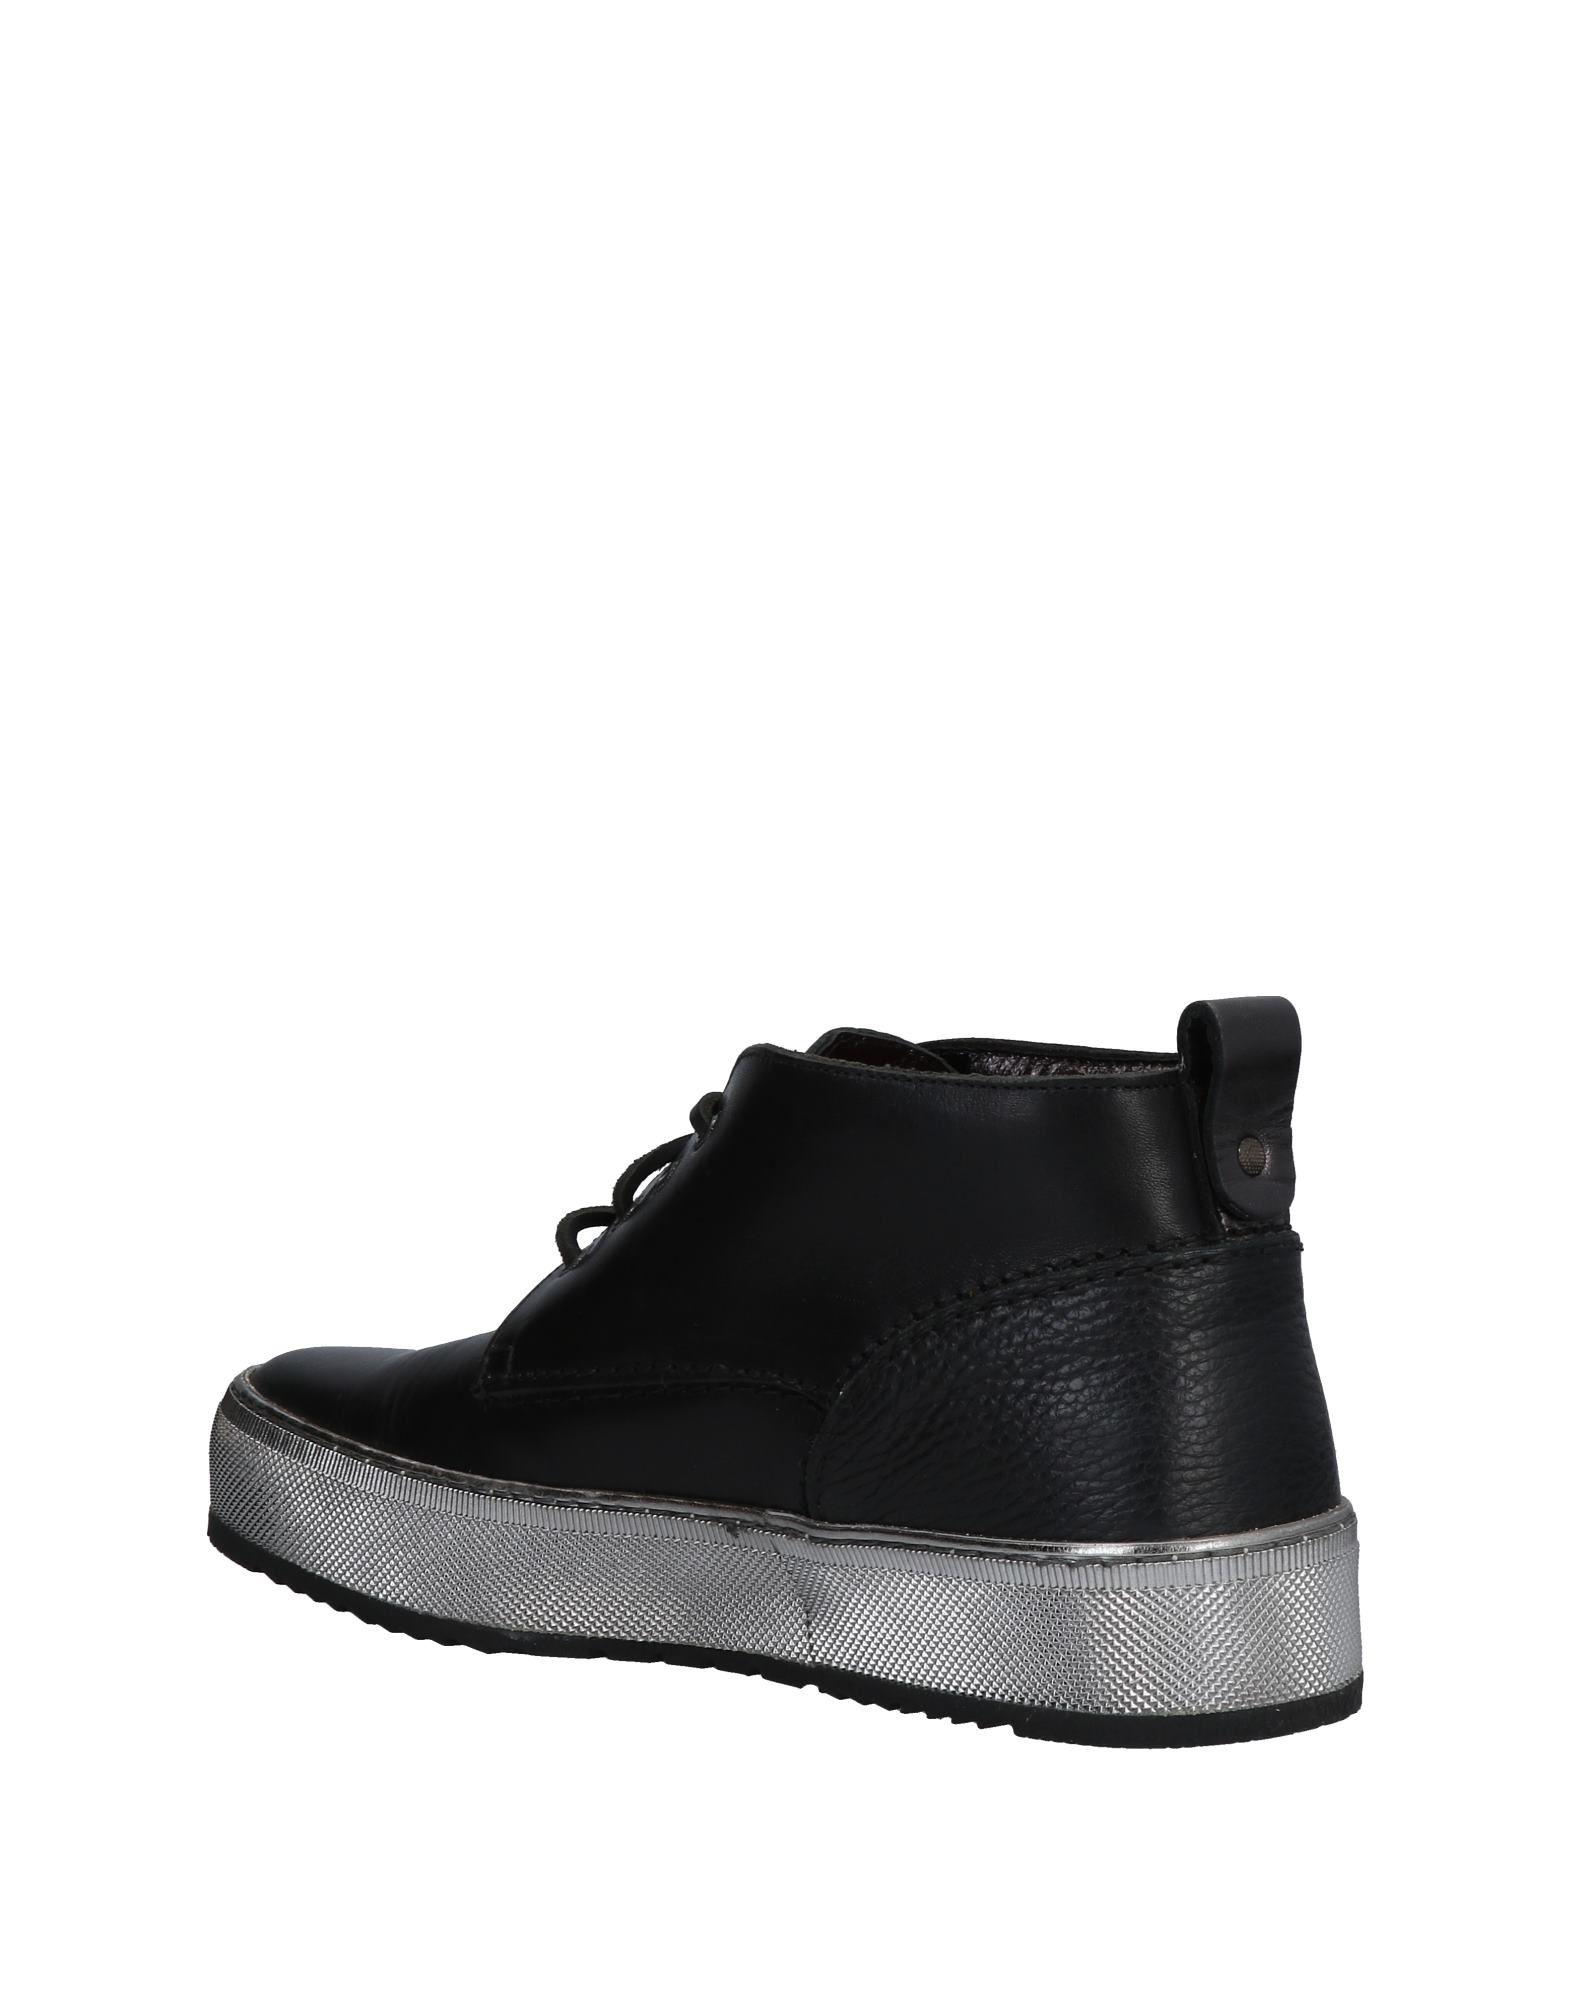 Barleycorn Sneakers Herren beliebte  11475167LE Gute Qualität beliebte Herren Schuhe 0dea2c